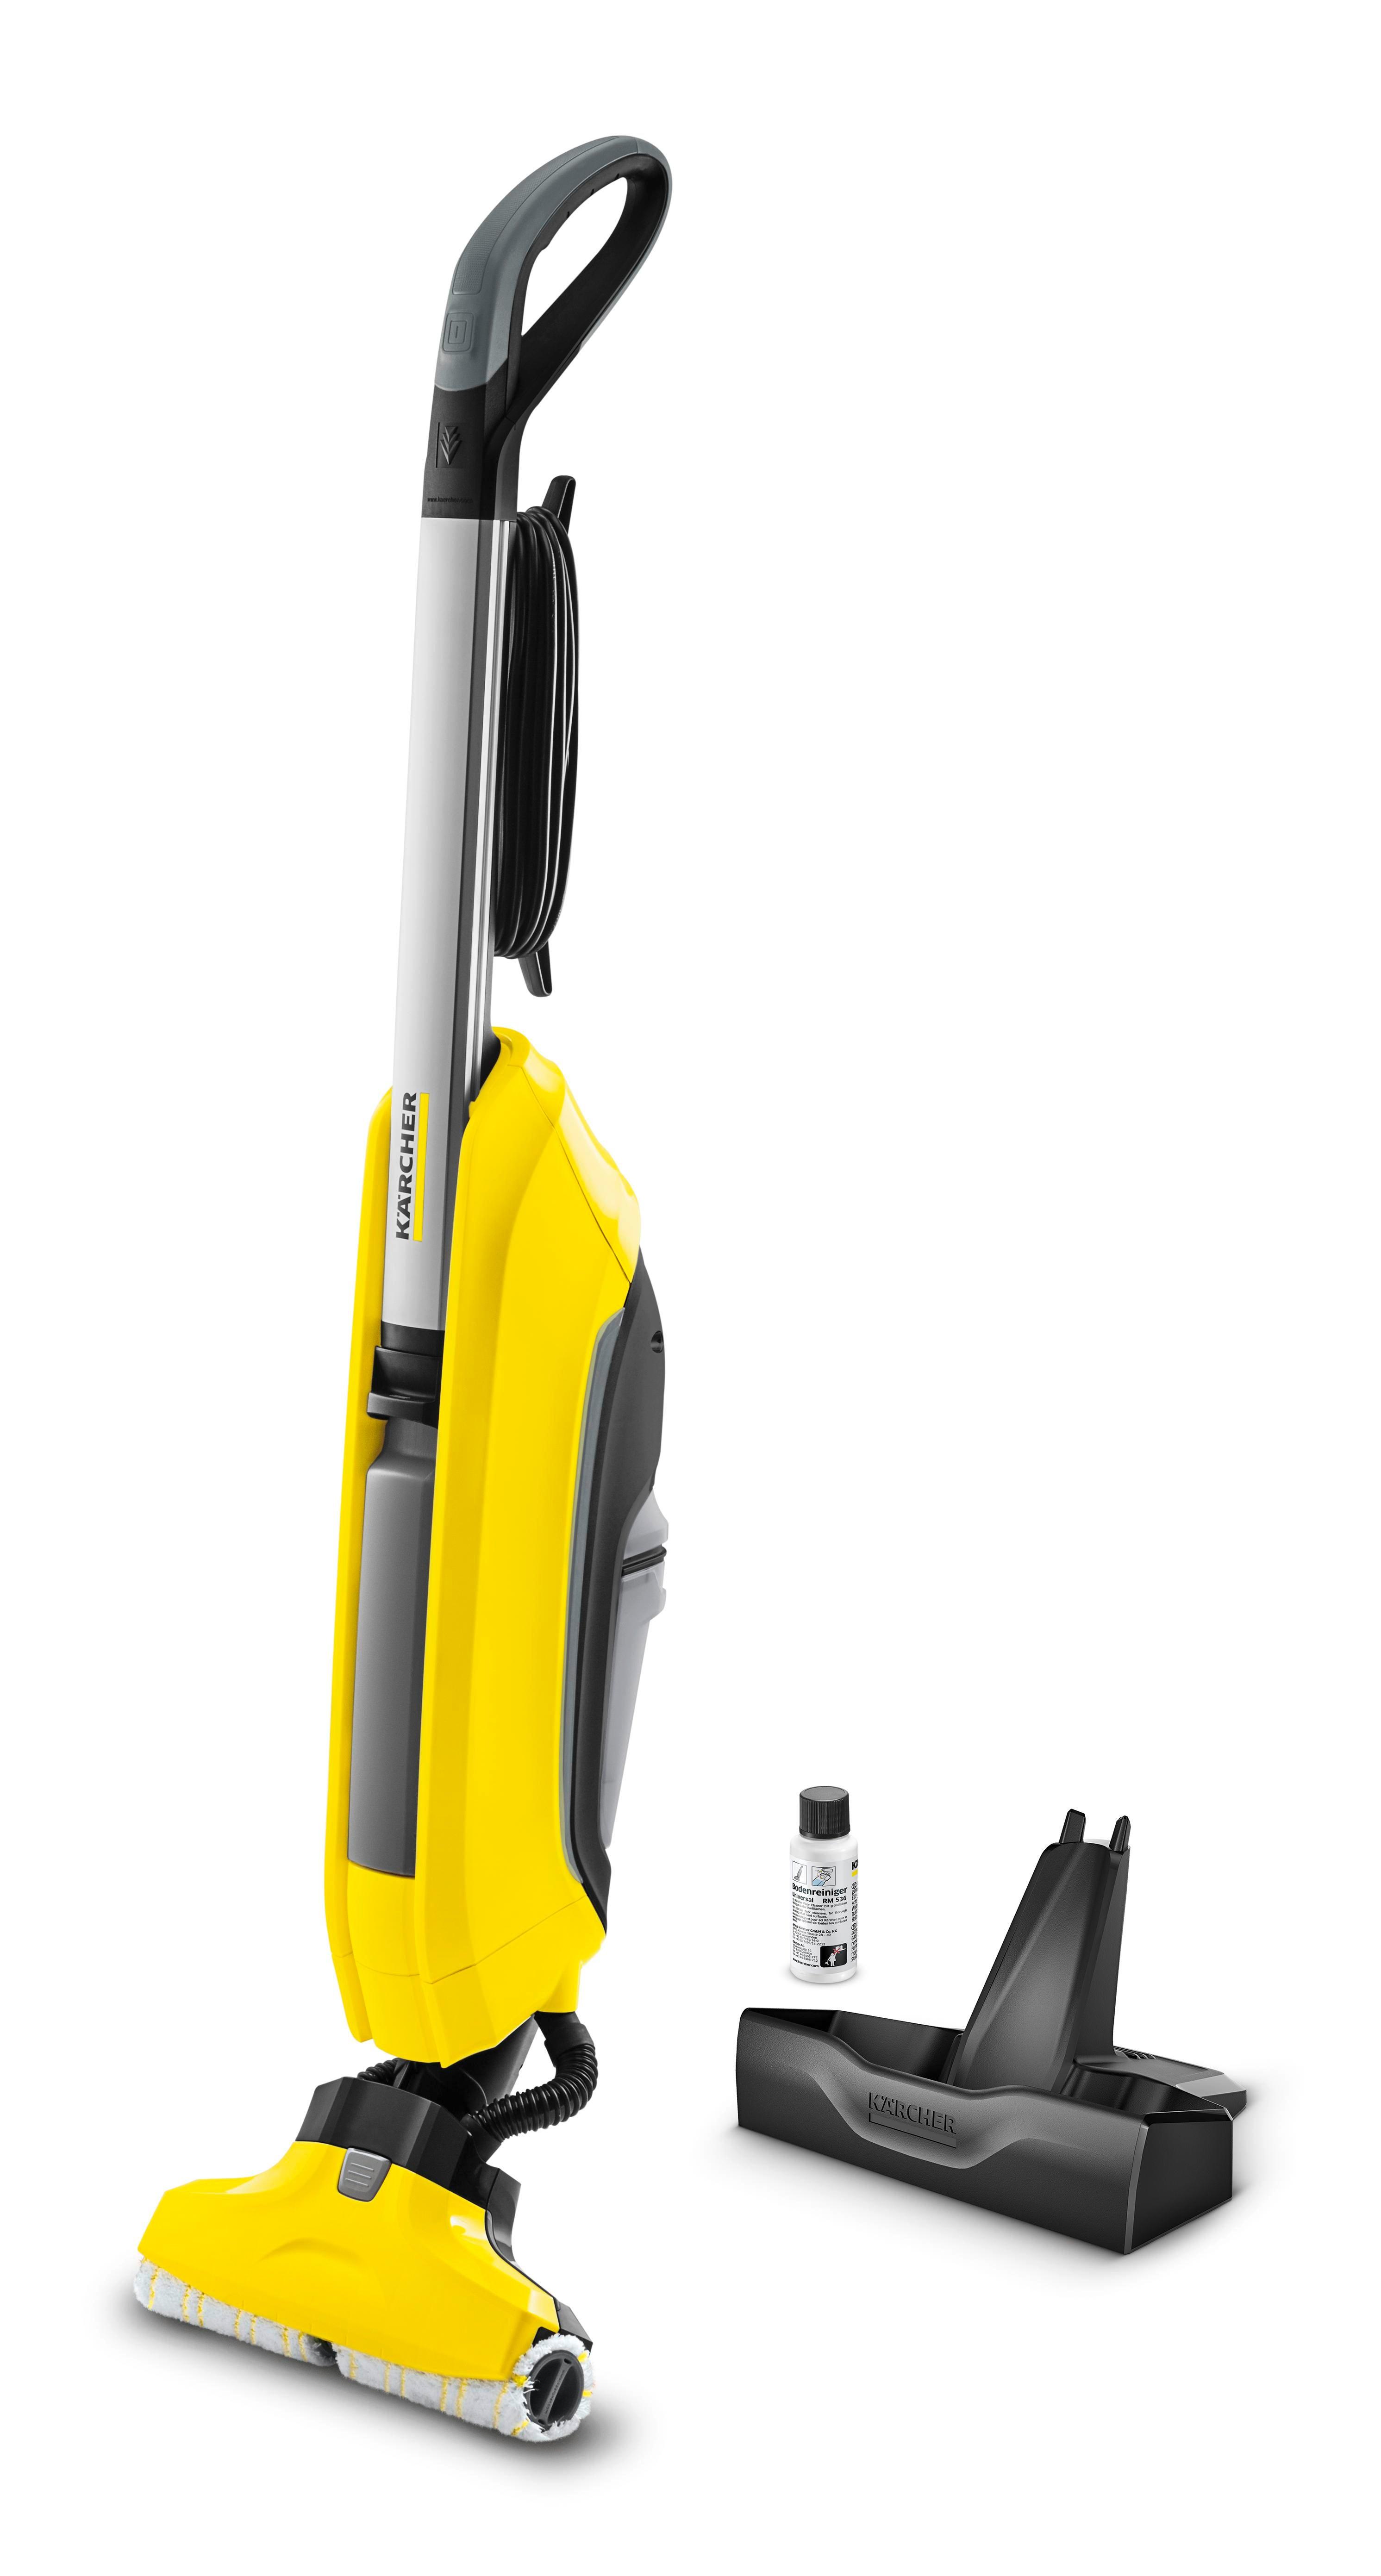 Nettoyeur, jaune pour sols KARCHER FC 10, 10 W  Leroy Merlin